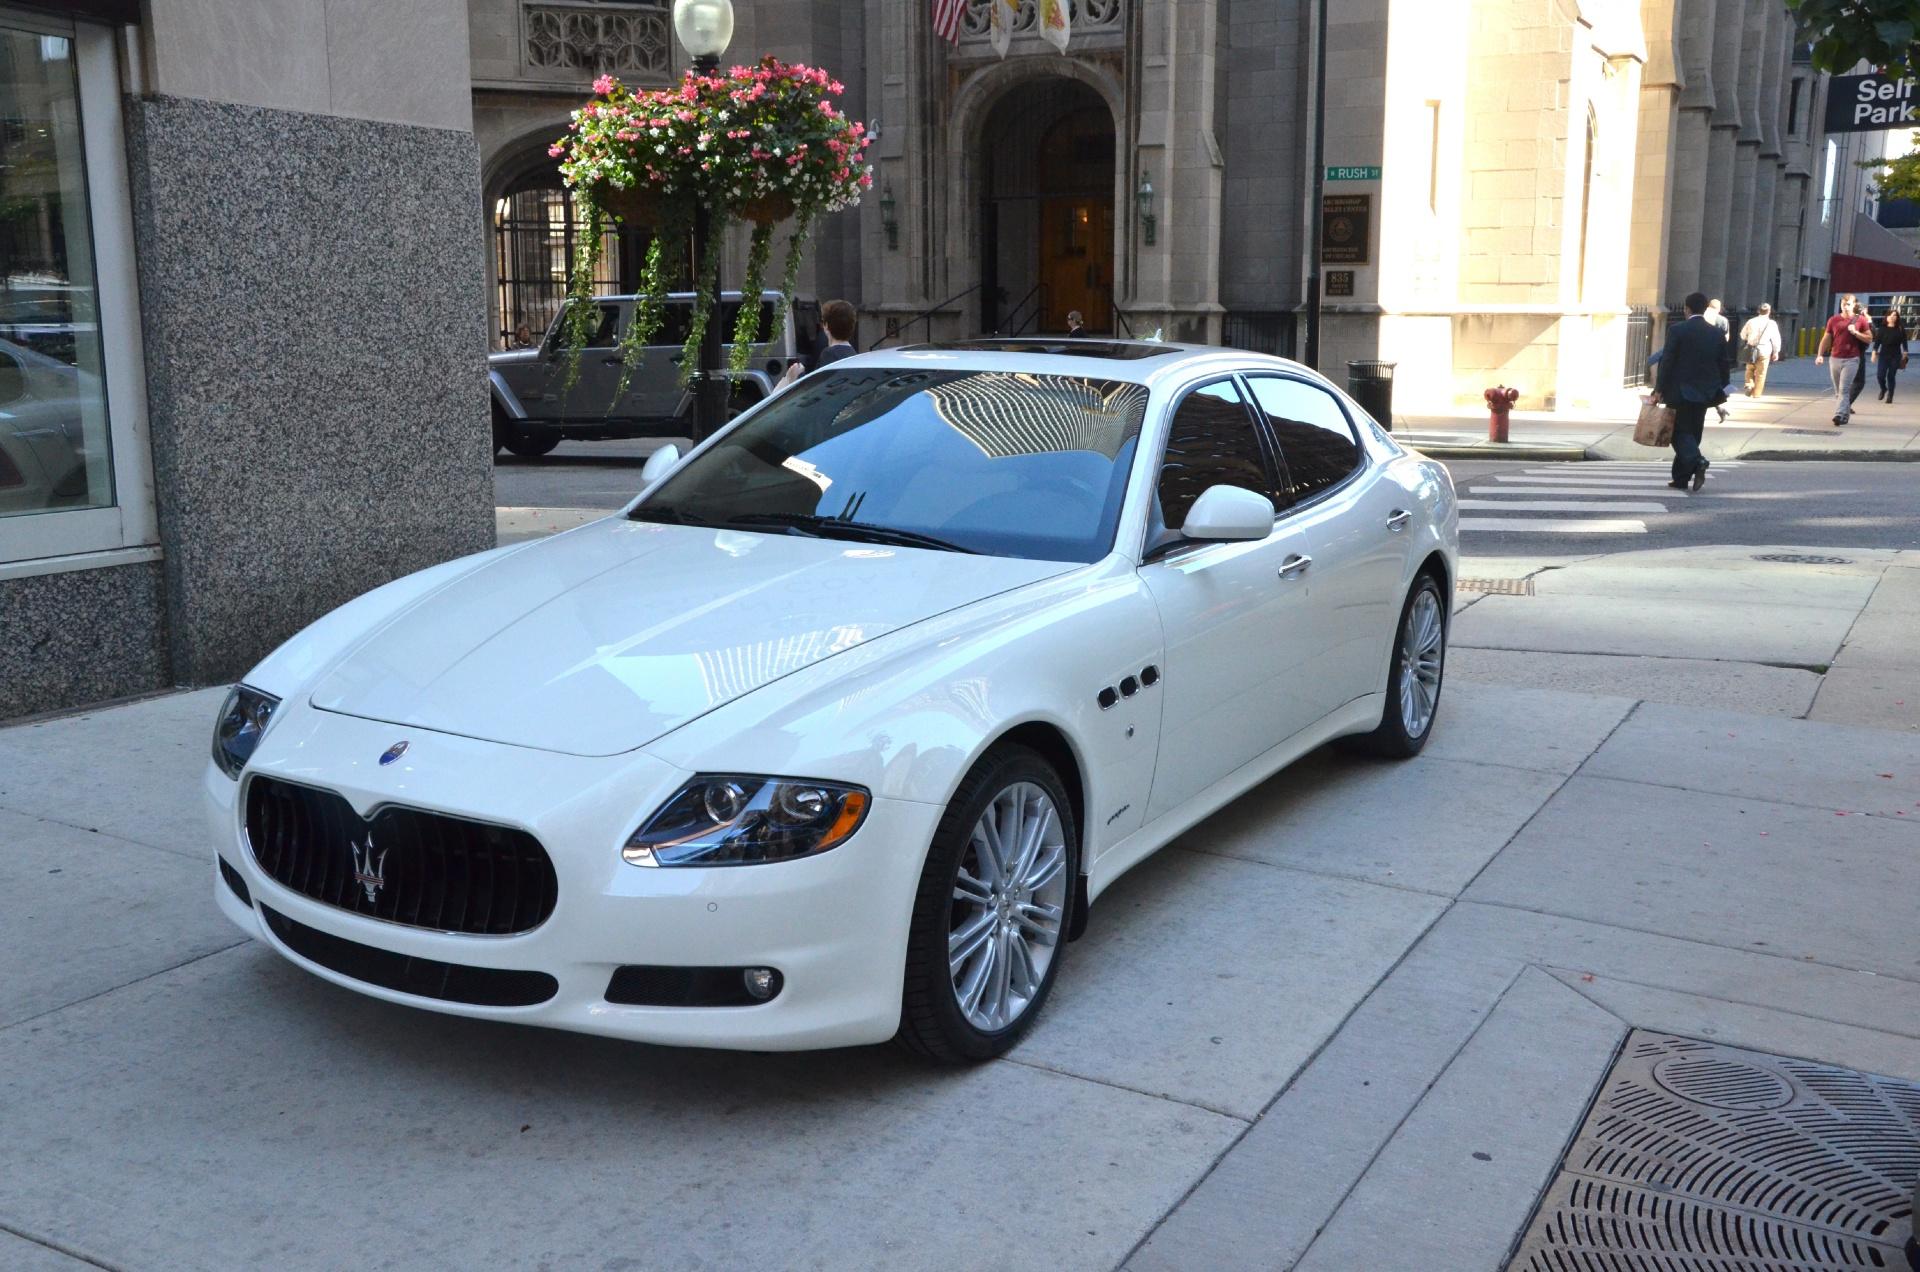 Used Maserati Quattroporte >> 2013 Maserati Quattroporte S Stock B572aa For Sale Near Chicago